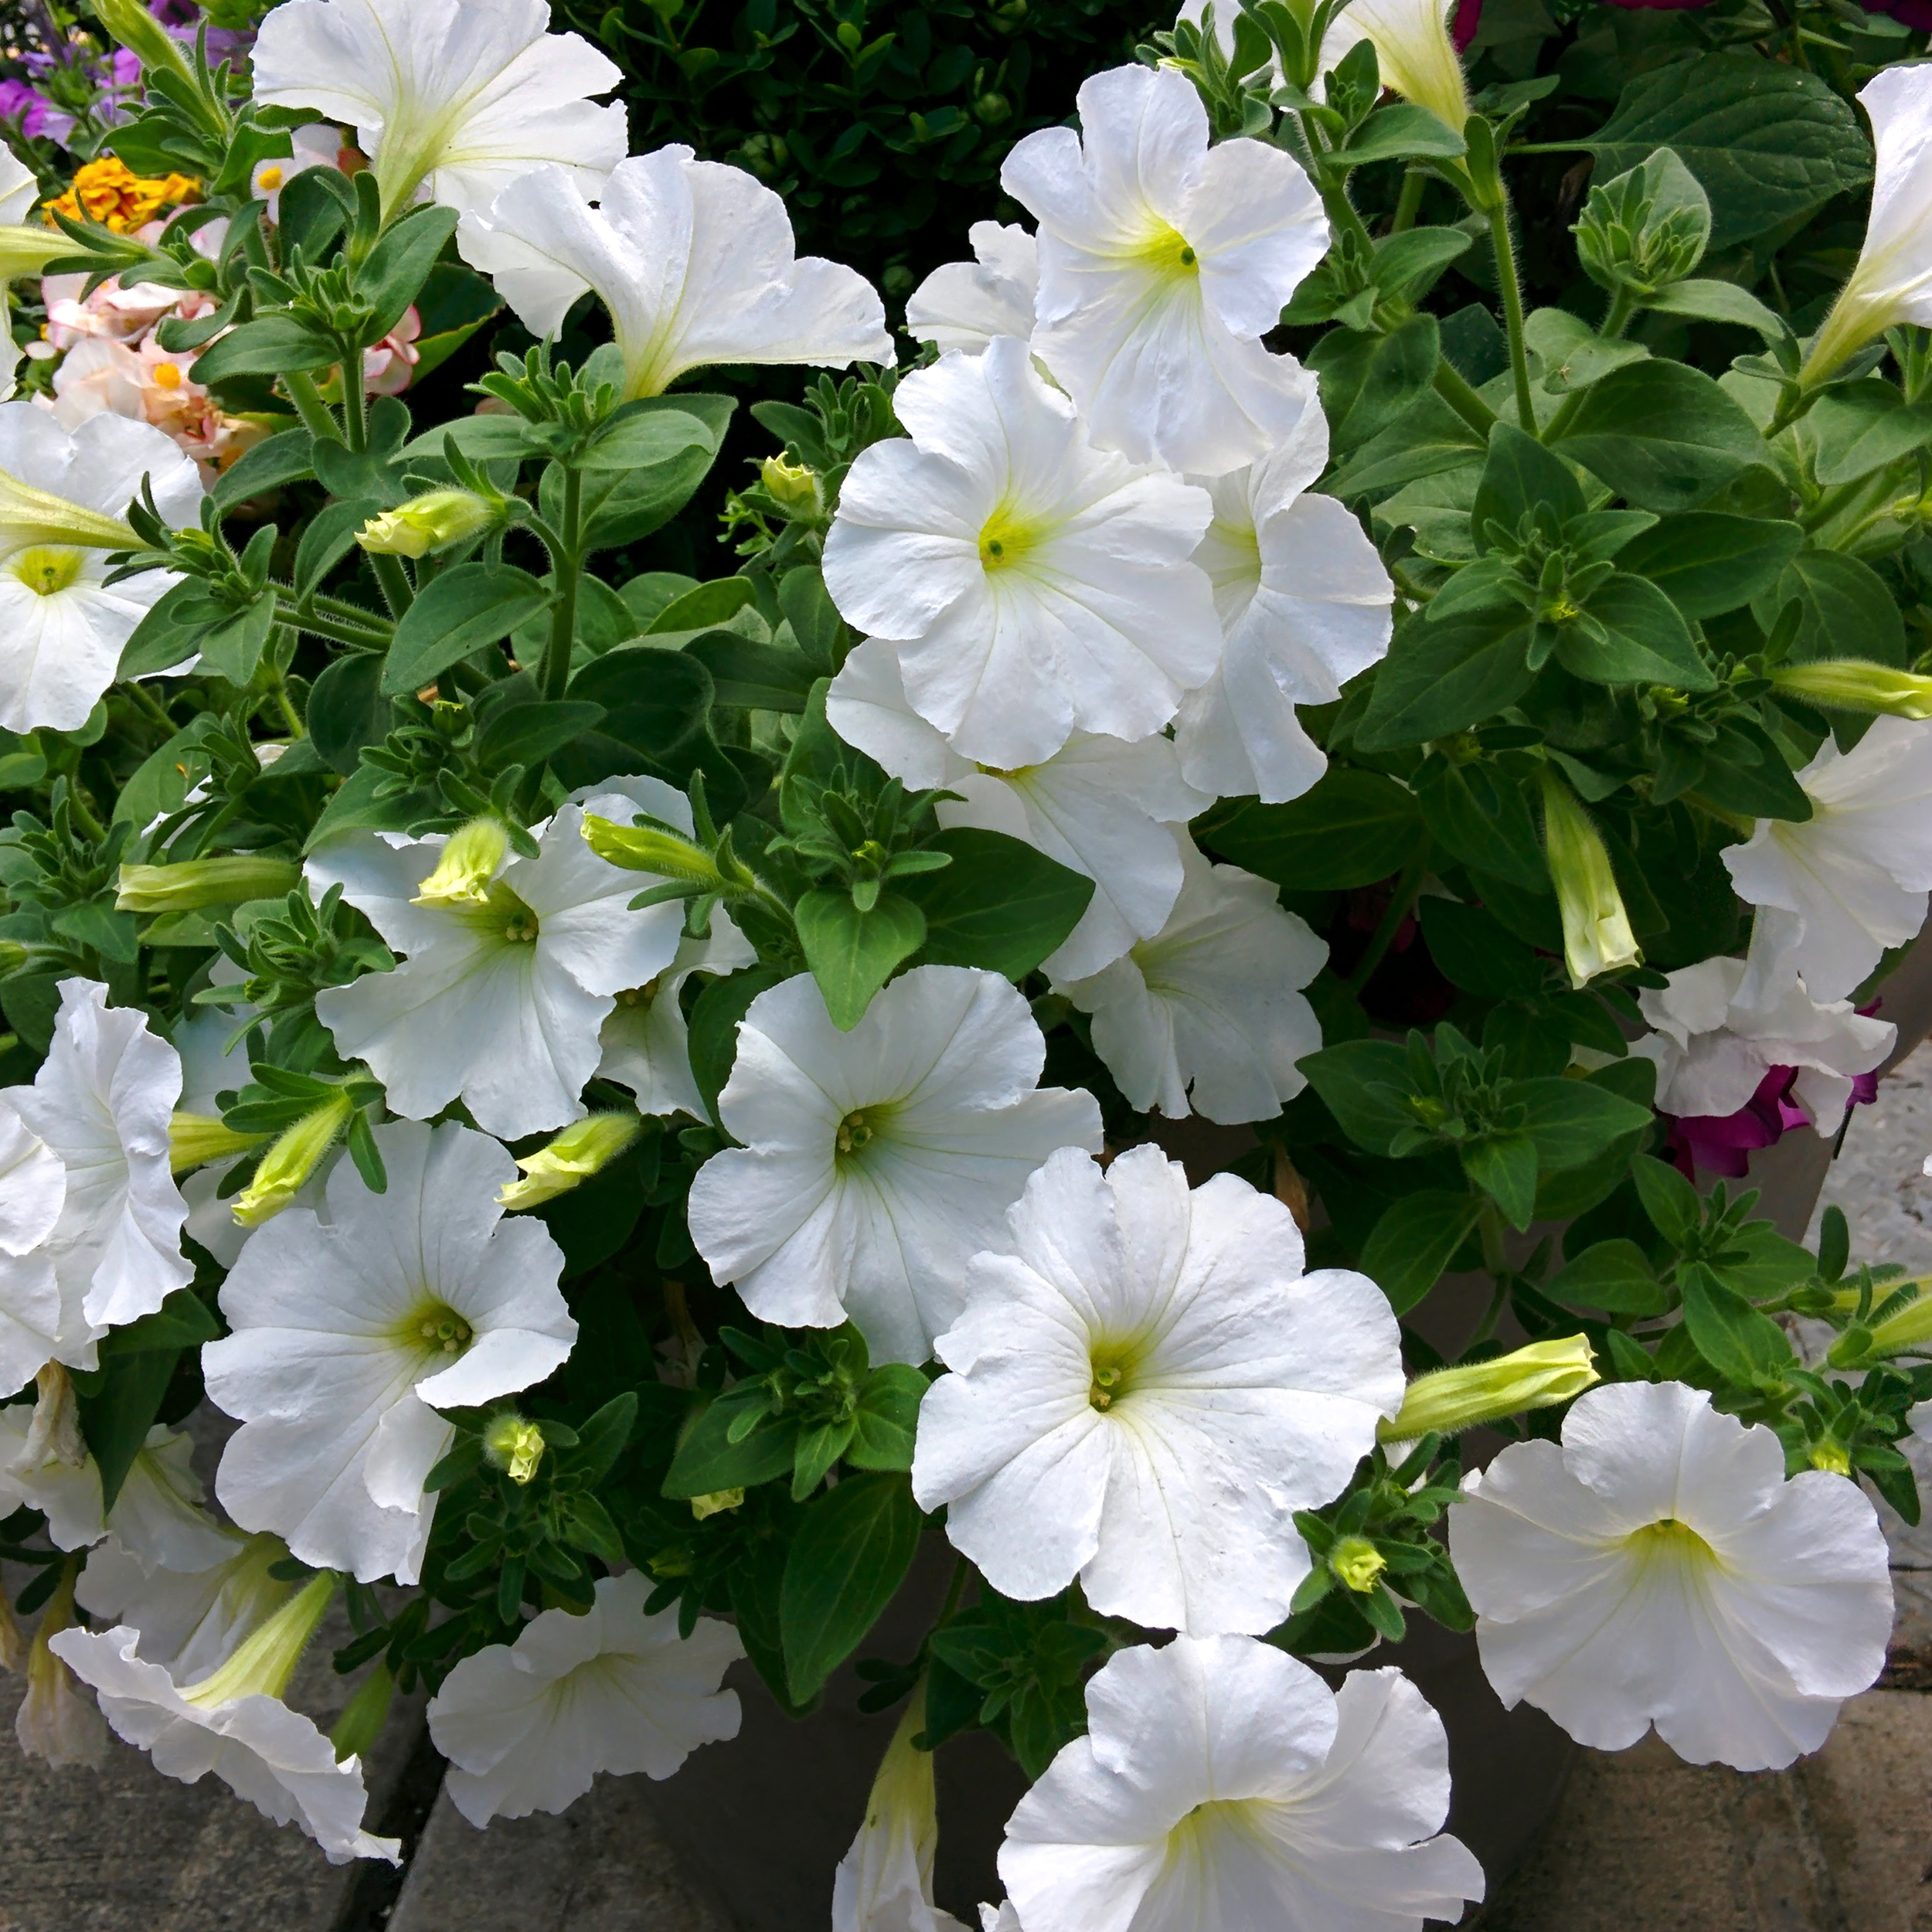 White Petunias